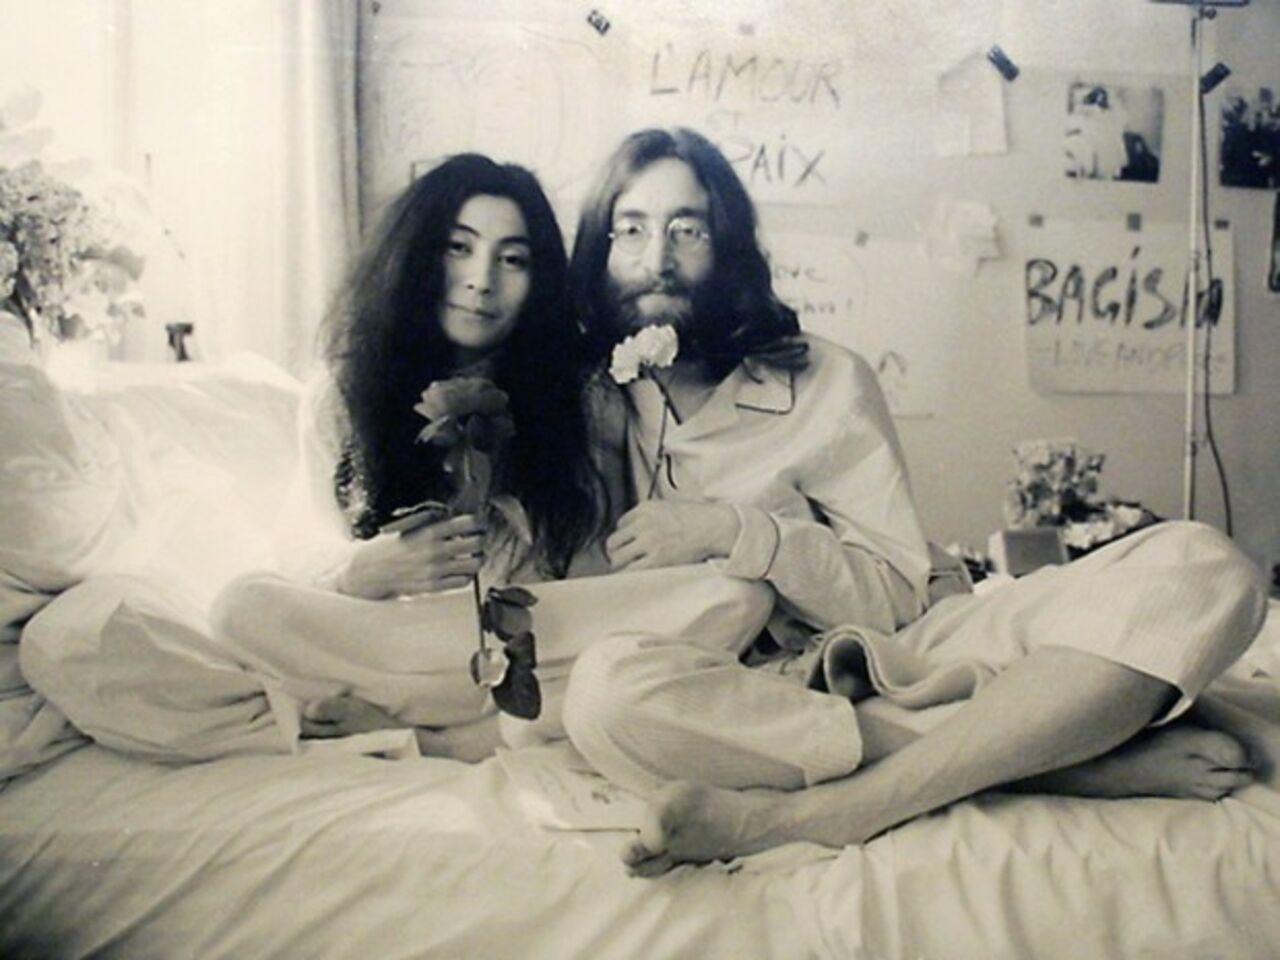 Обистории симпатии Джона Леннона иЙоко Оно снимут фильм